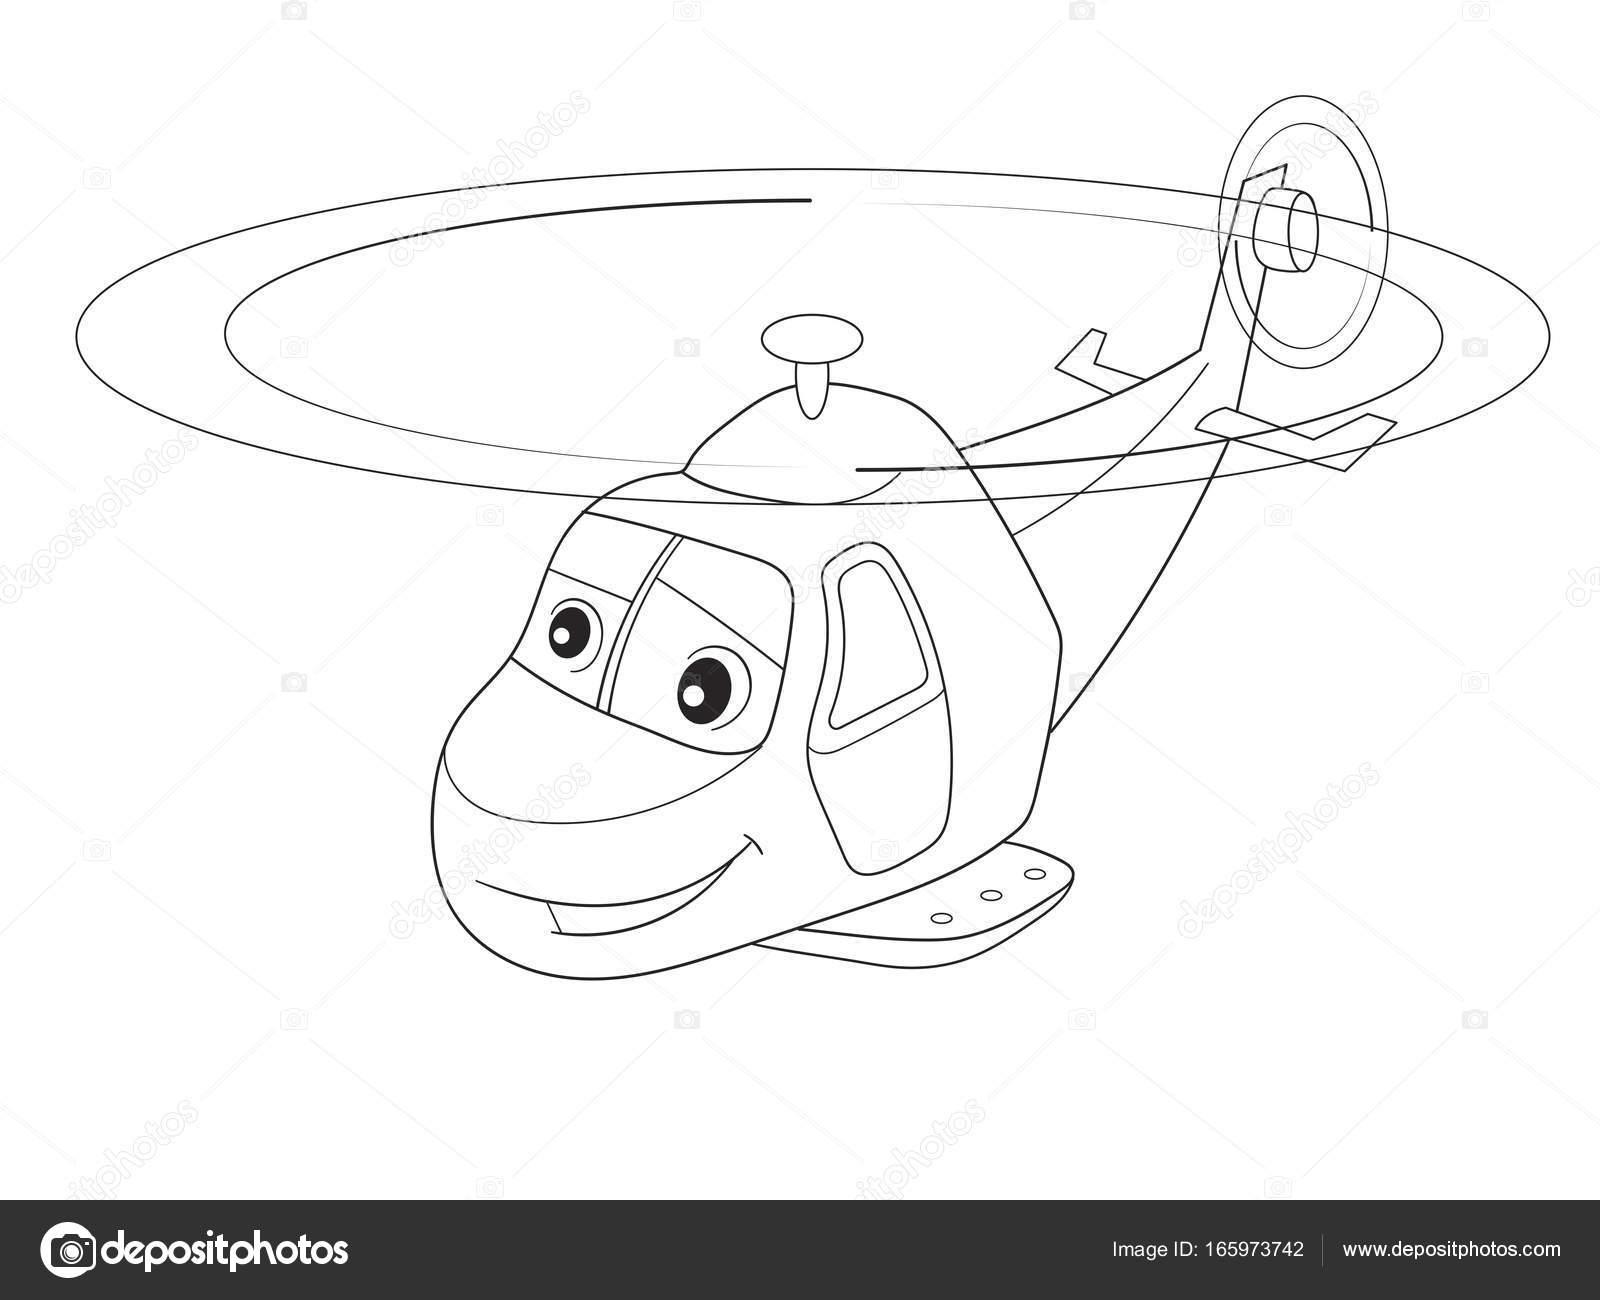 Cartoon Malvorlagen Hubschrauber mit Gesichtern. Transport lebender ...